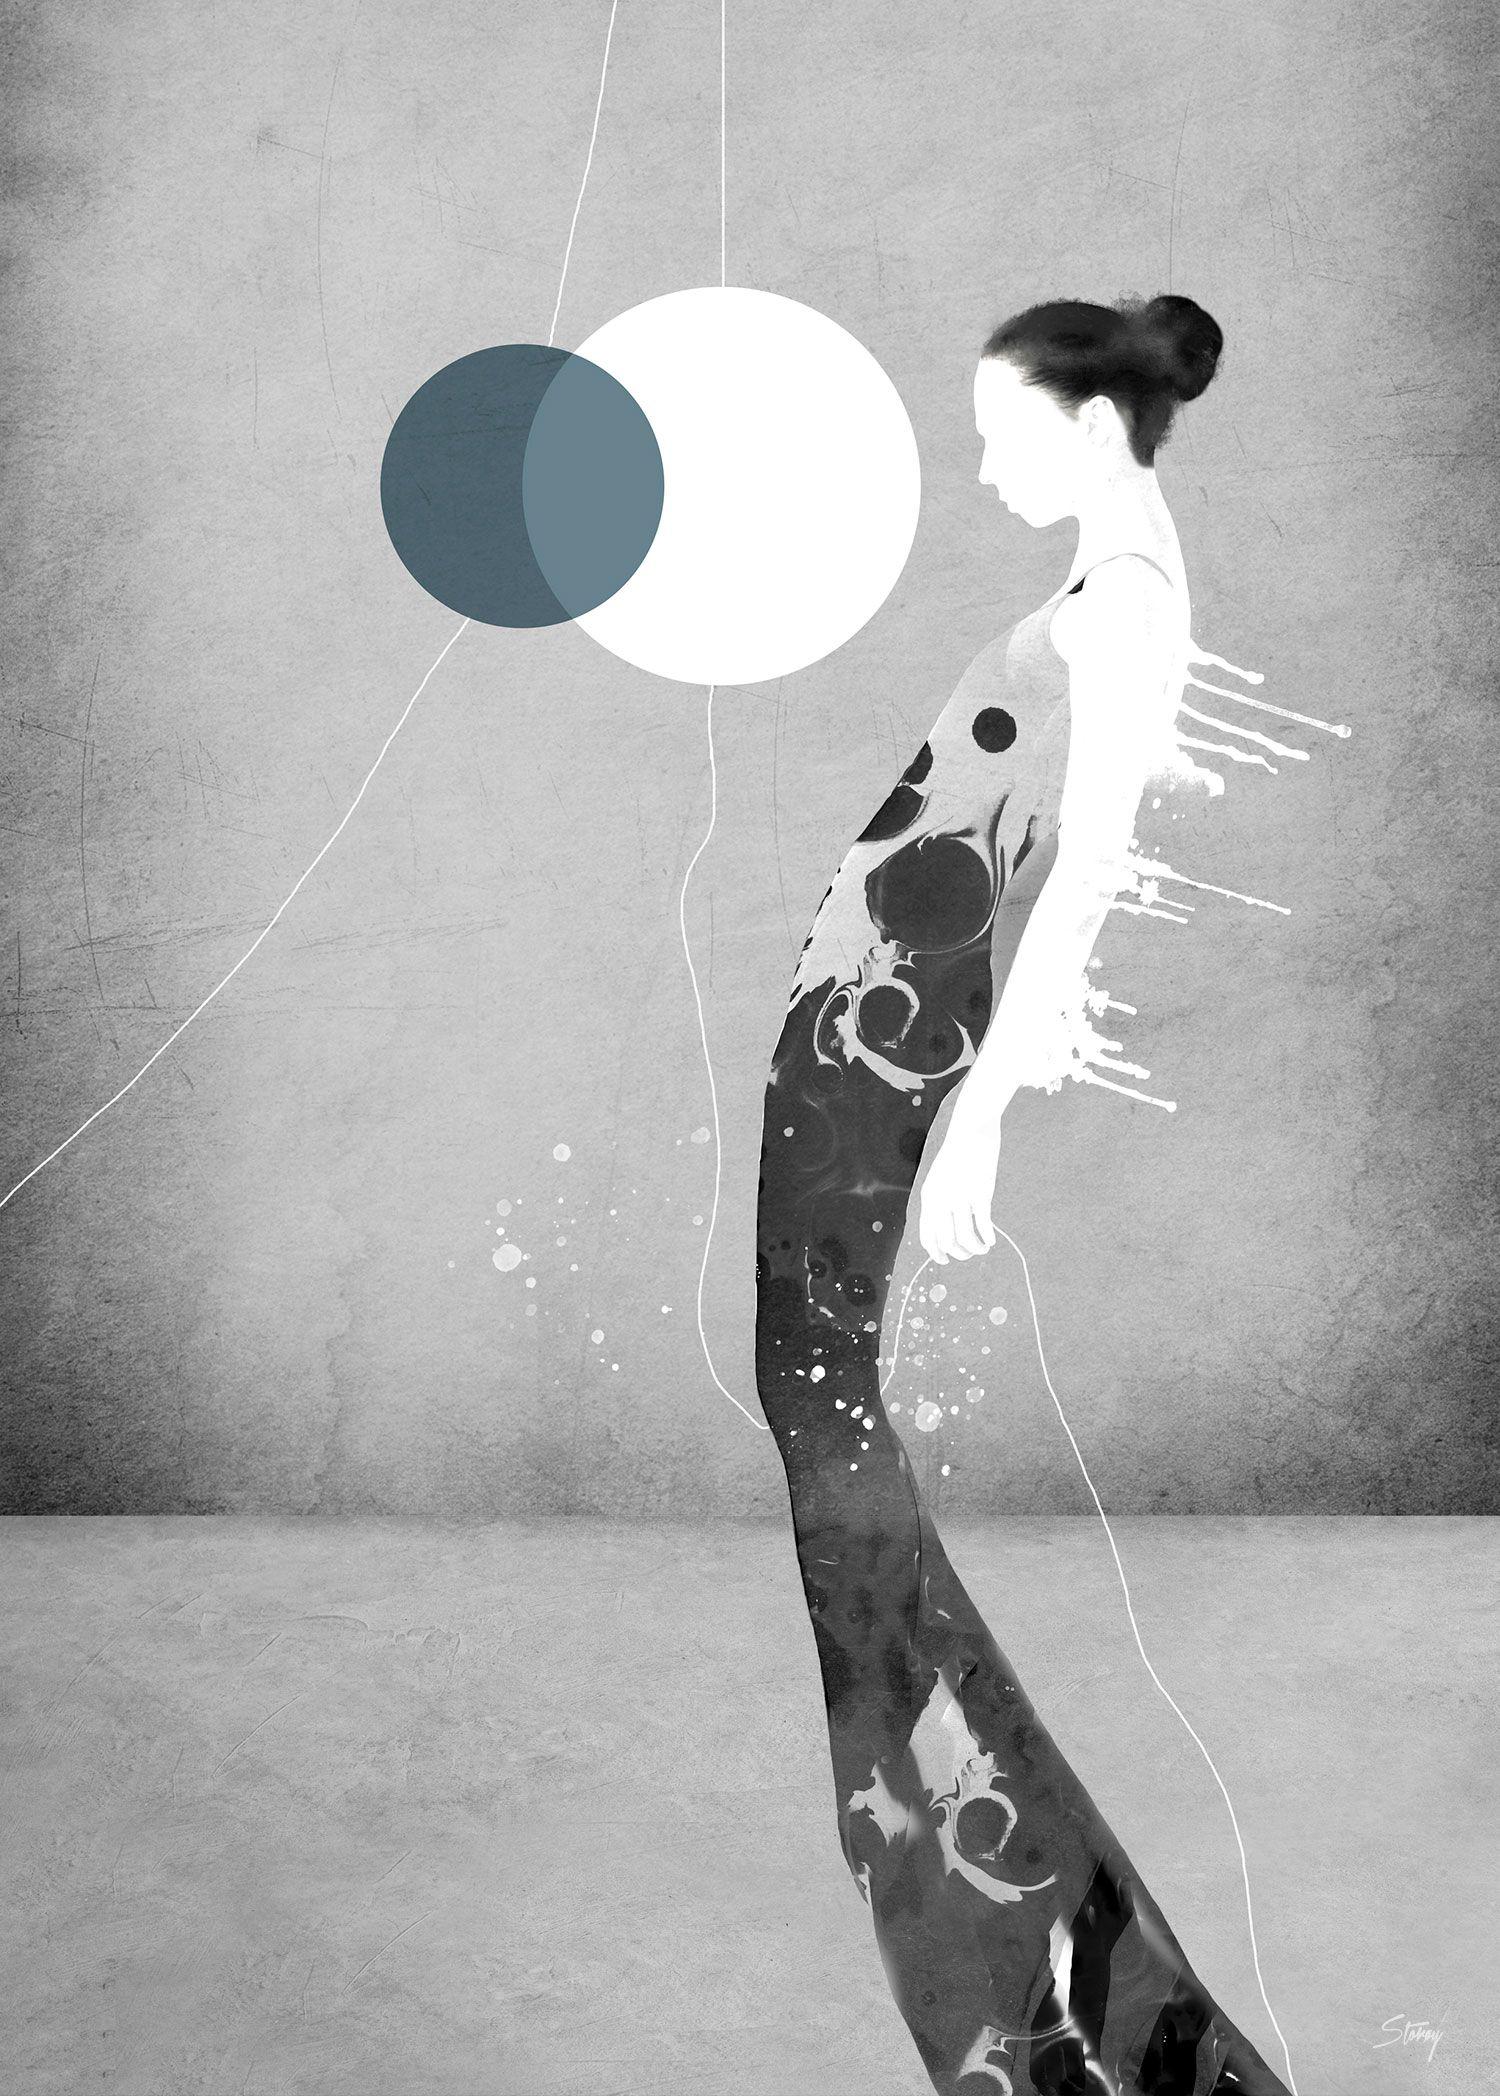 Лирические портреты художника Сив Сторёй иногда, могут, привести, вместе, смешанные, считаю, разные, интересному, результату», всегда, меняется», волнительно, очень, говорит, «Неожиданное, счете, конечном, плакаты, картины, гравюры